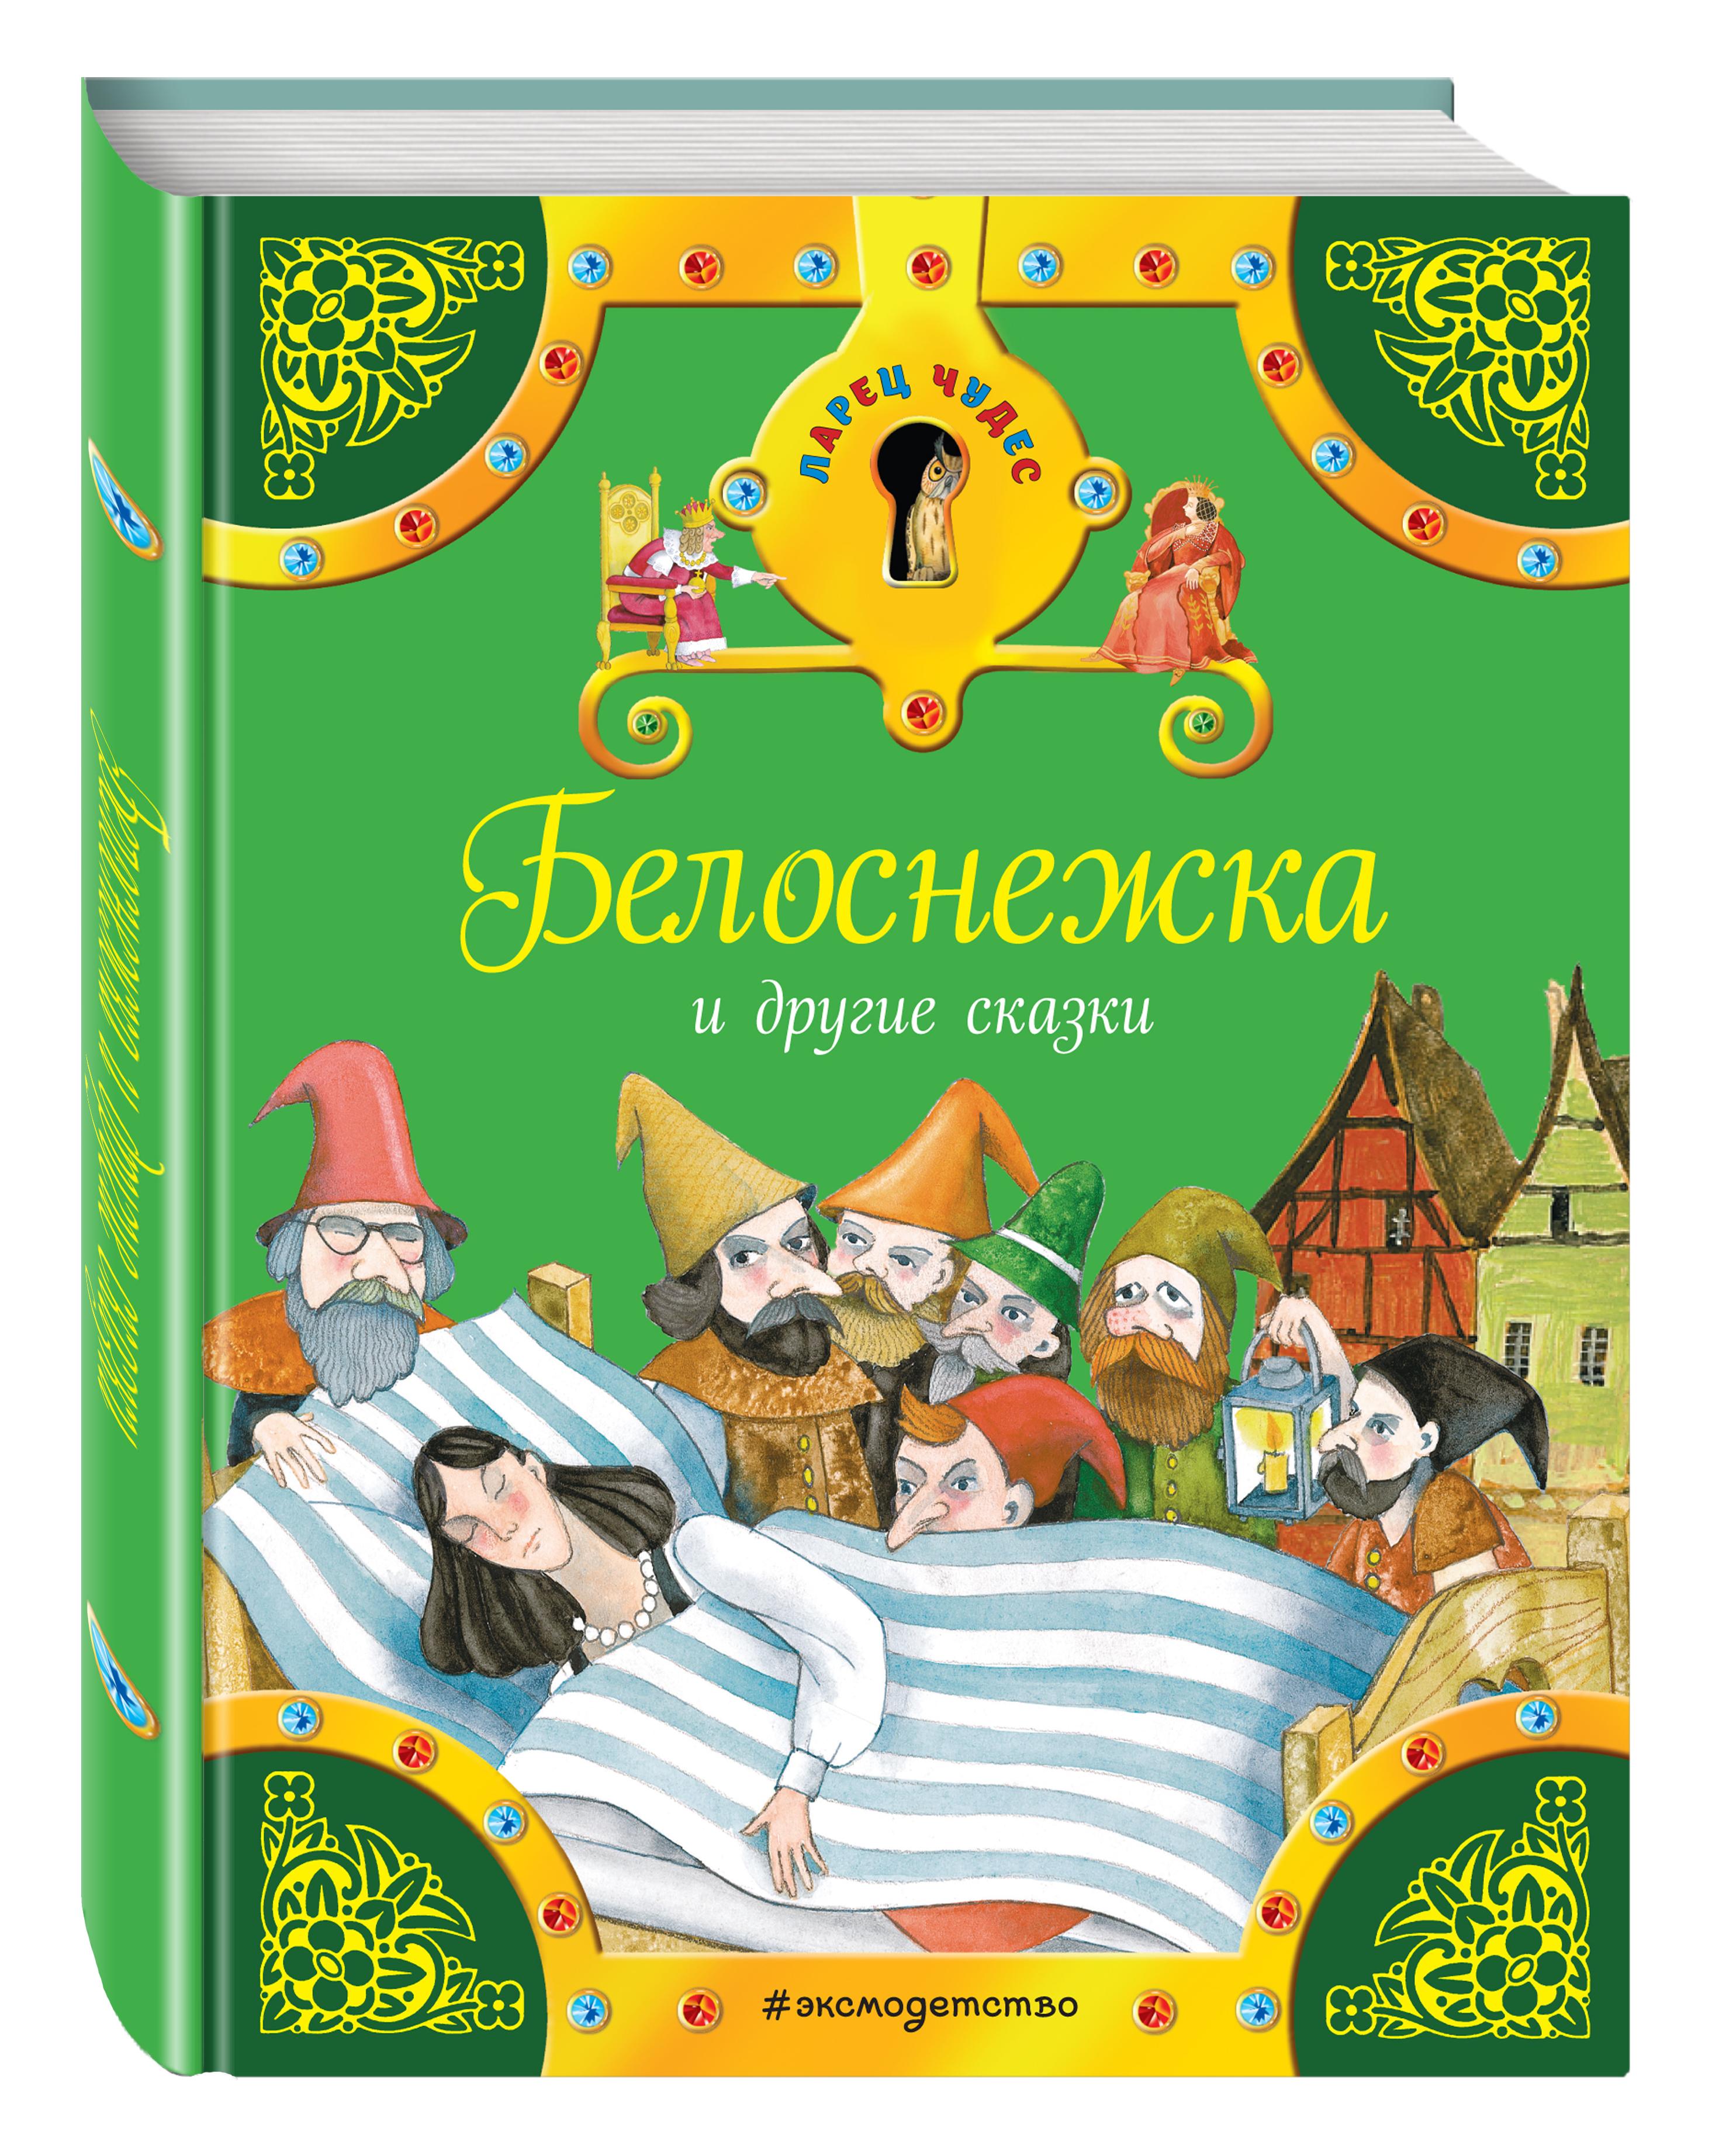 Белоснежка и другие сказки (комплект из трех книг)